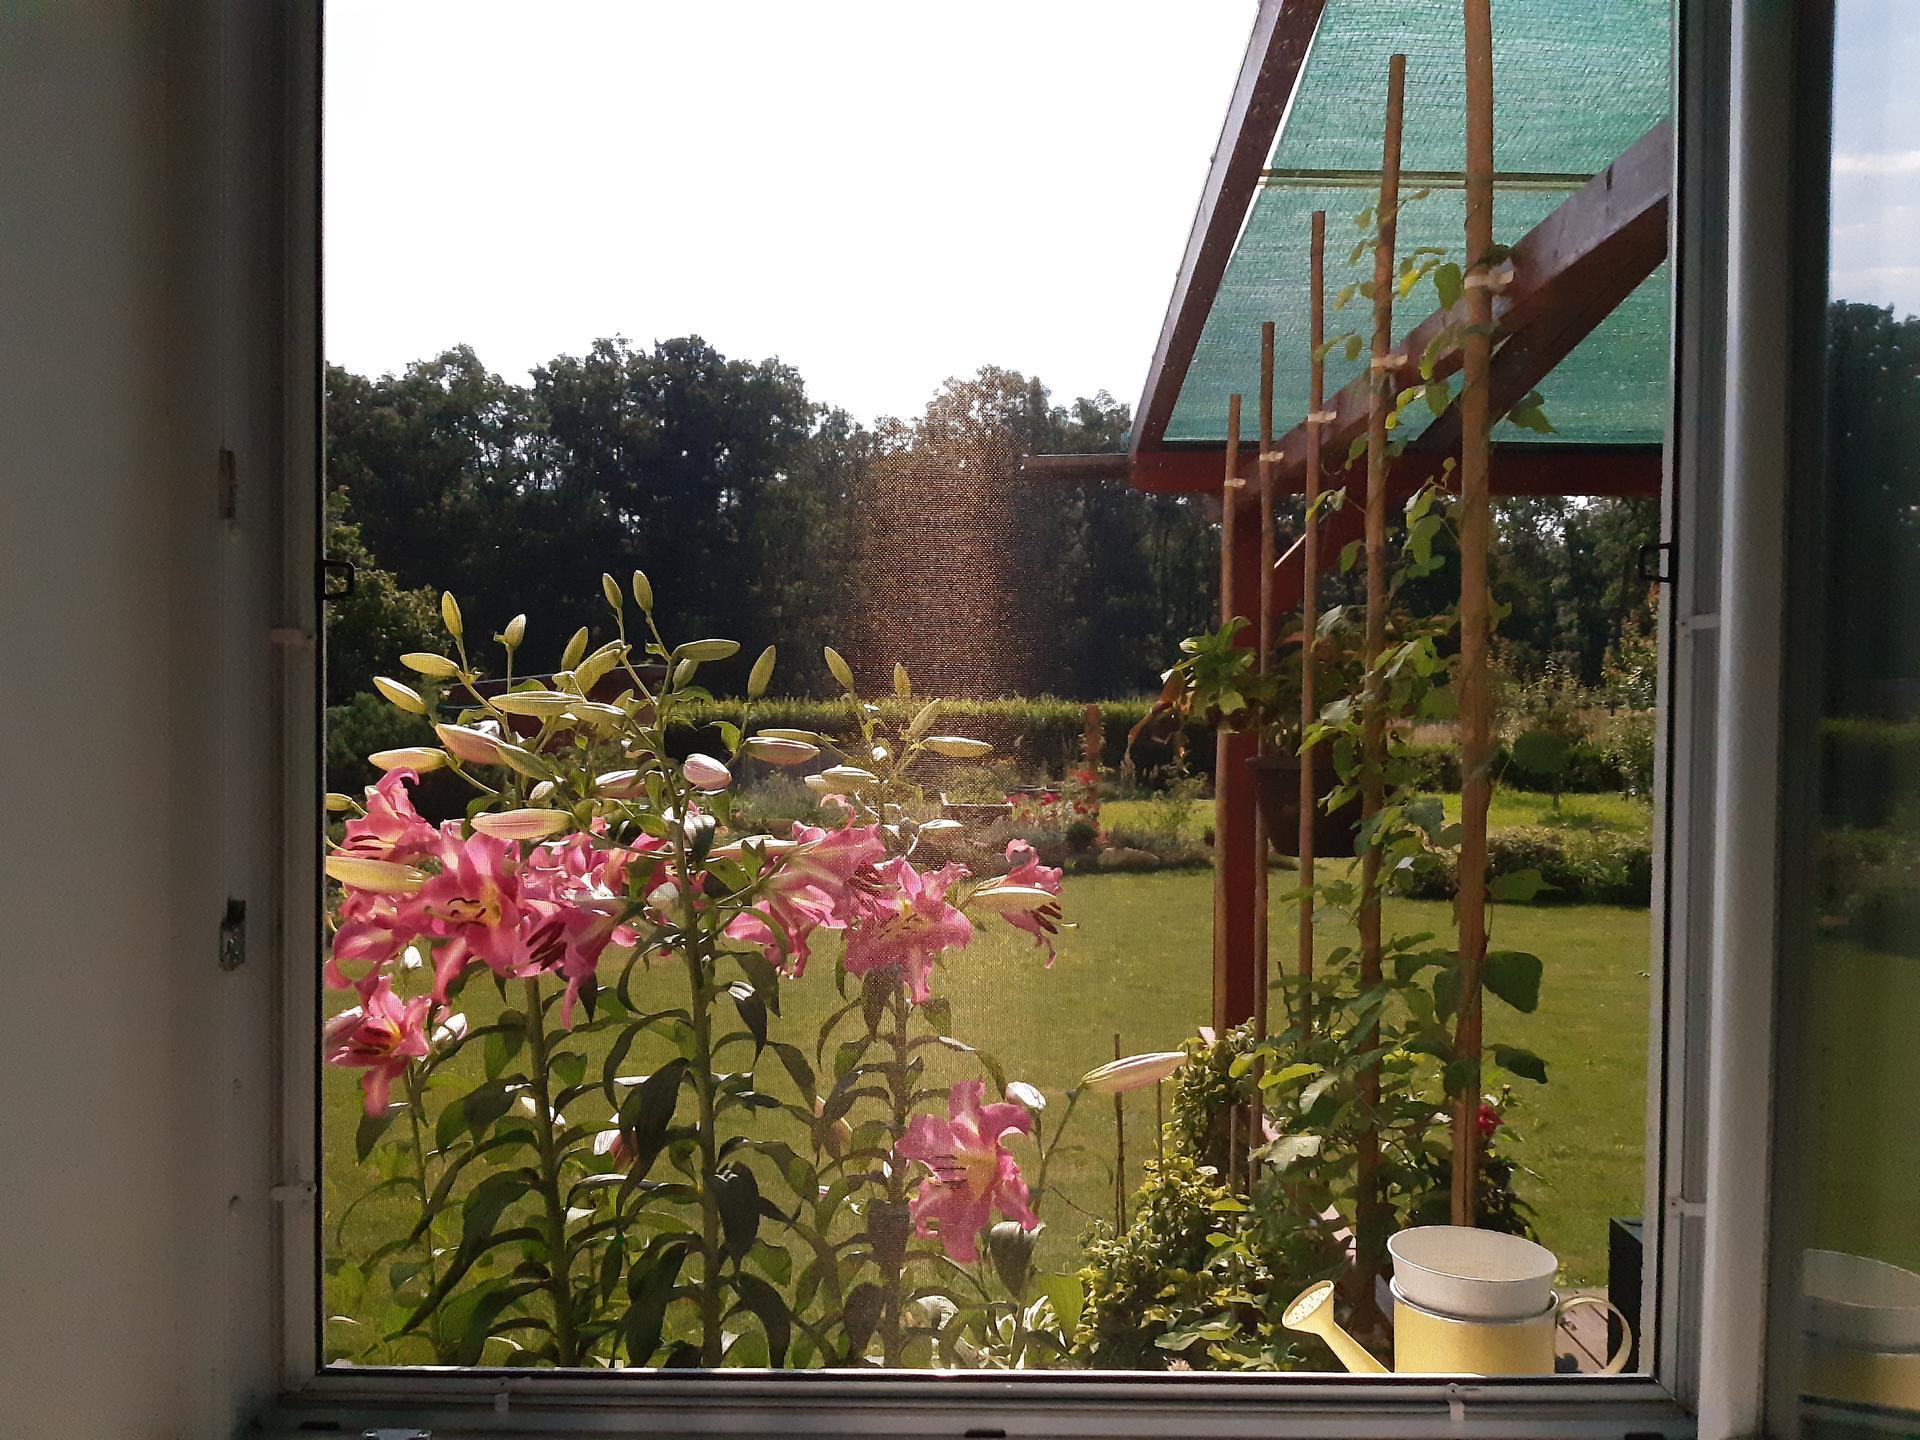 Zahrada 2021 - pohled z ložnice. Ráno mě ta vůně budí, nemám silný čmuch, ale tohle se nedá necítit ;-)